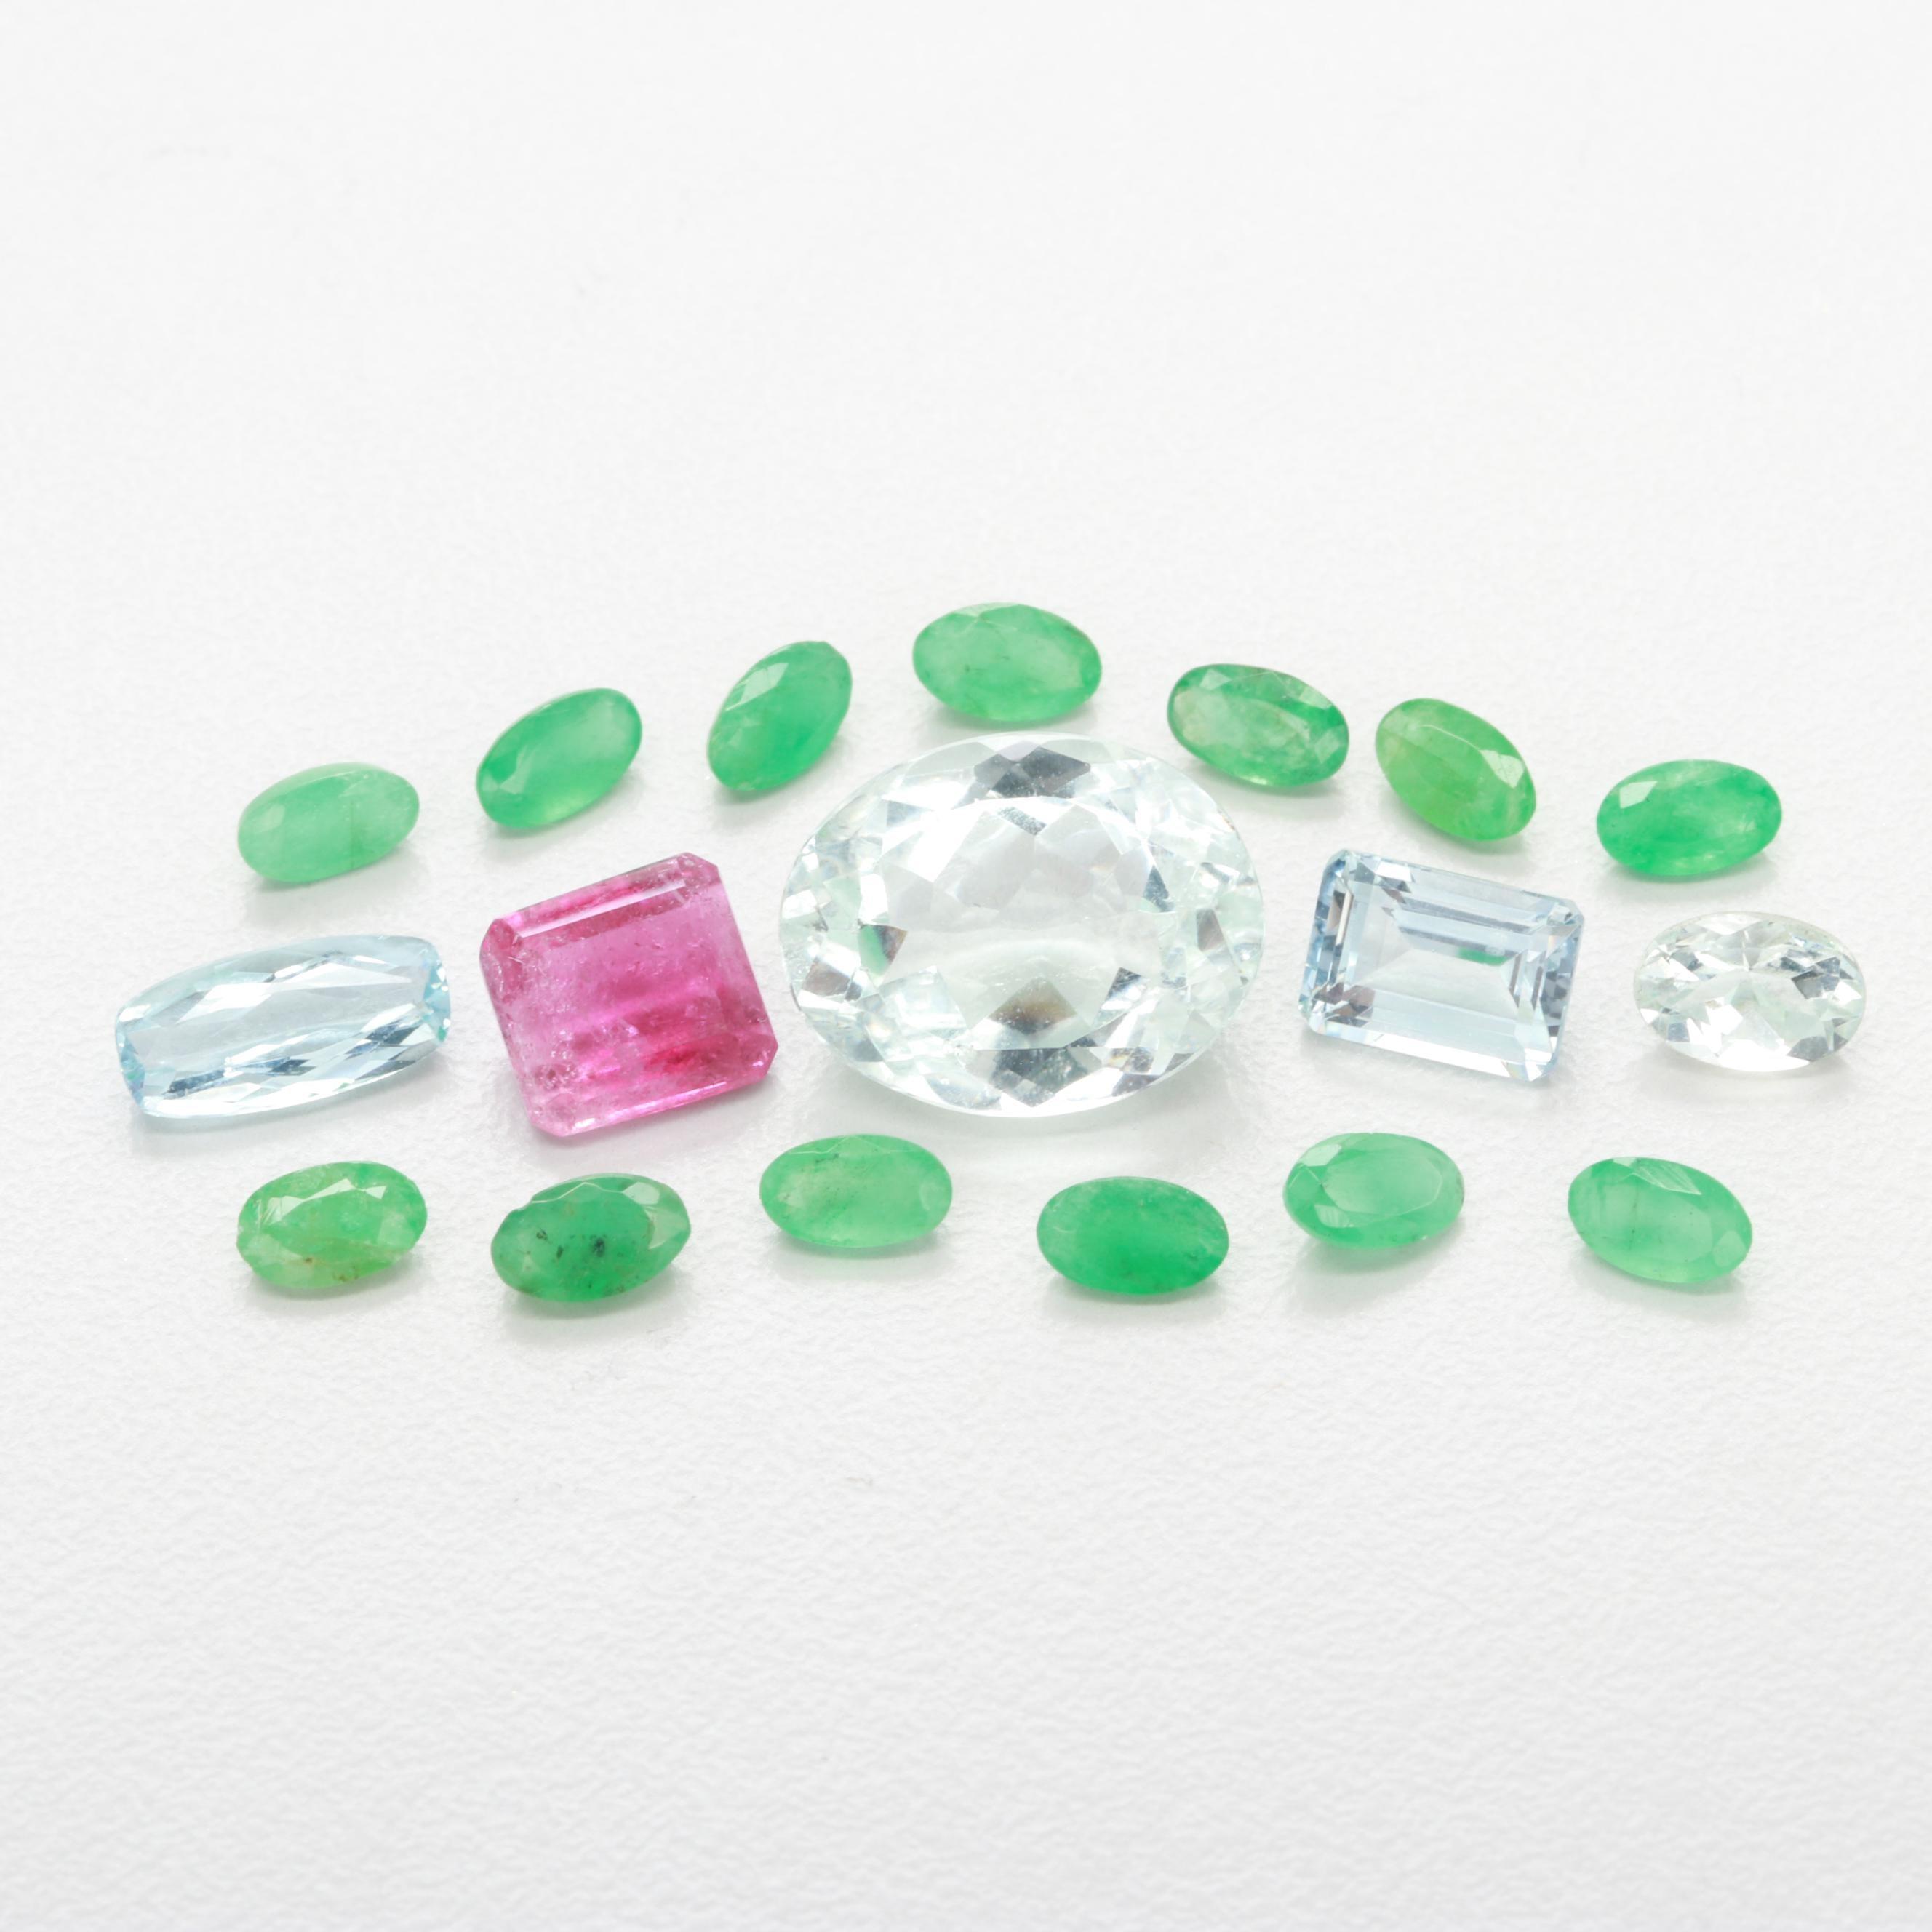 Loose 6.94 CTW Aquamarine, 2.91 CTW Emerald and 1.47 CT Tourmaline Gemstones